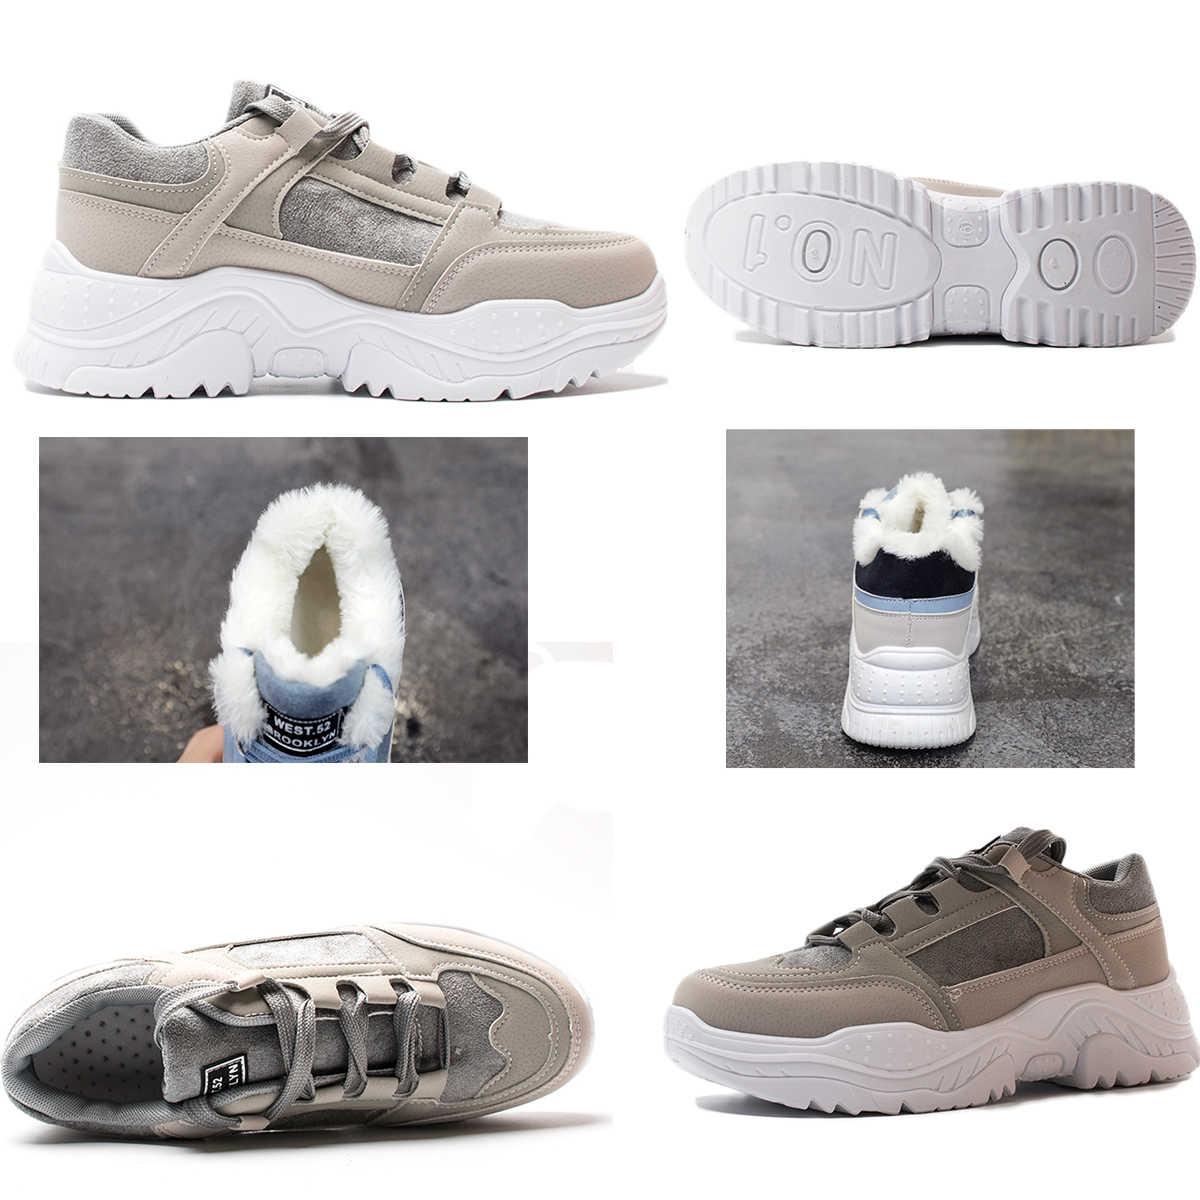 Fujin Nữ Giày Thể Thao Mùa Đông Giày Sang Trọng Lông Ấm Nữ Giày Nữ Buộc Dây Giày Bốt Nữ Comrfortable Nền Tảng Giày Nữ